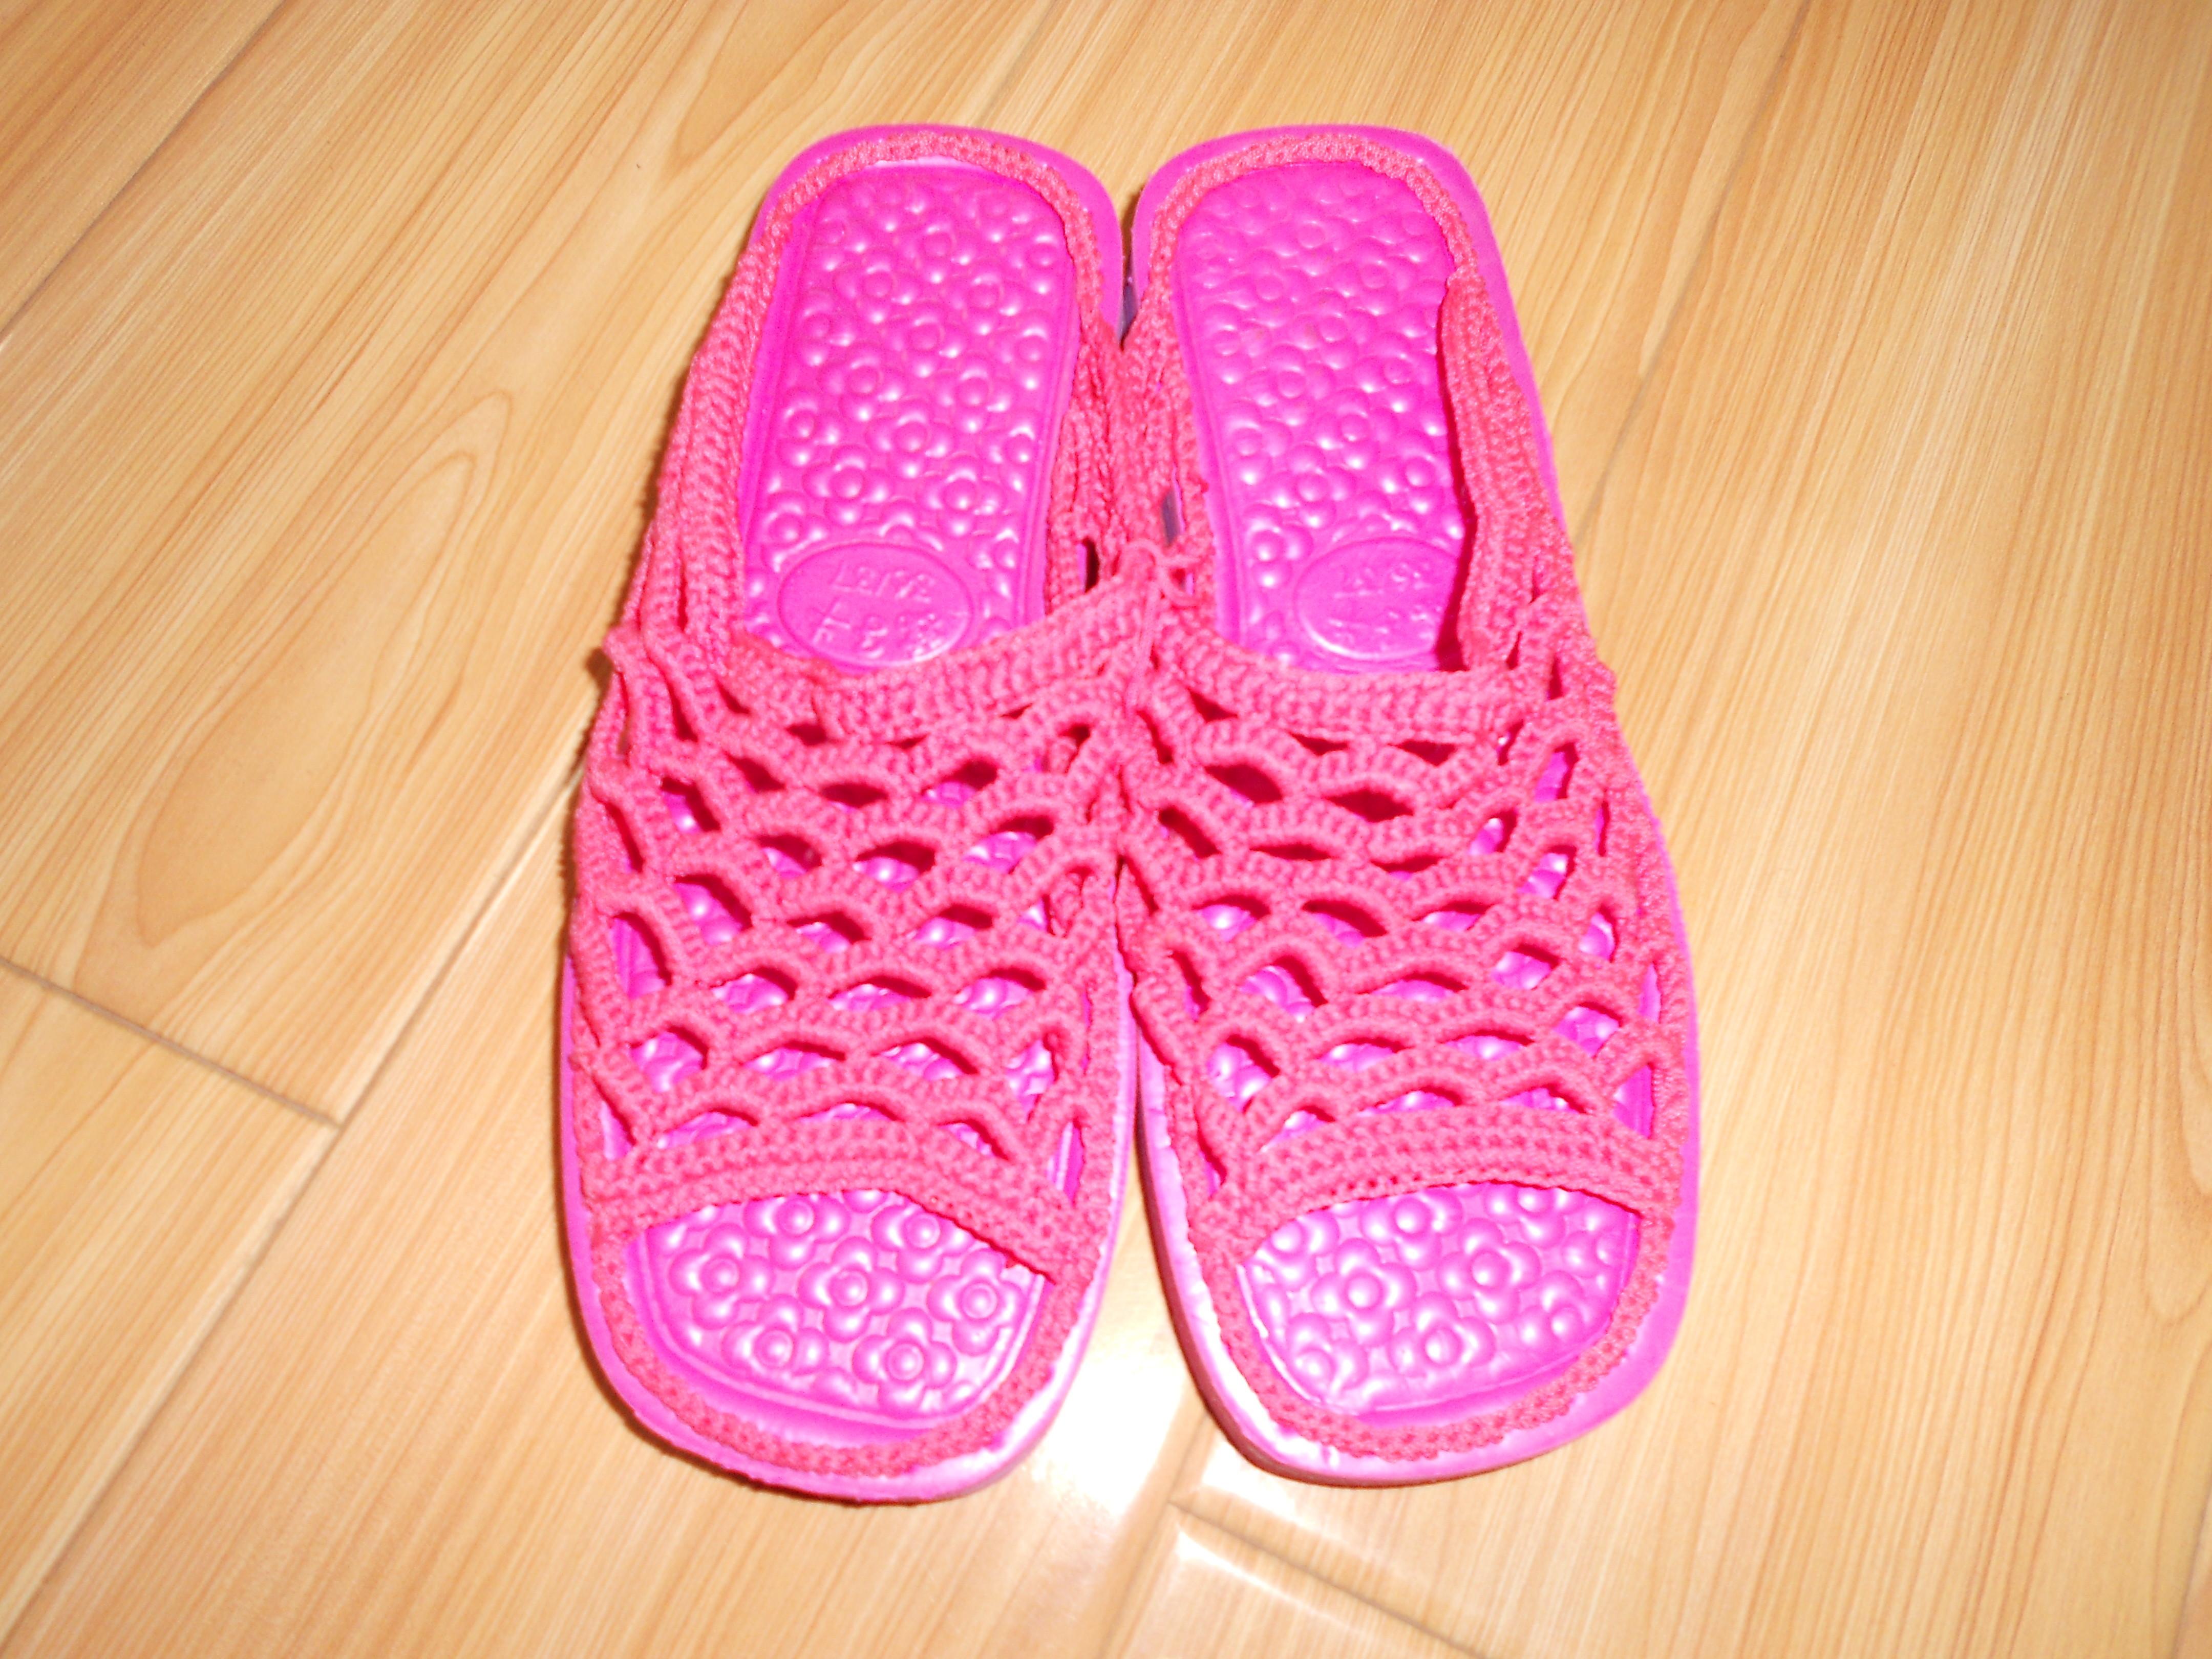 2012妈妈手工鞋 定做针织拖鞋 手工毛线钩织拖鞋 情侣拖鞋 女拖鞋